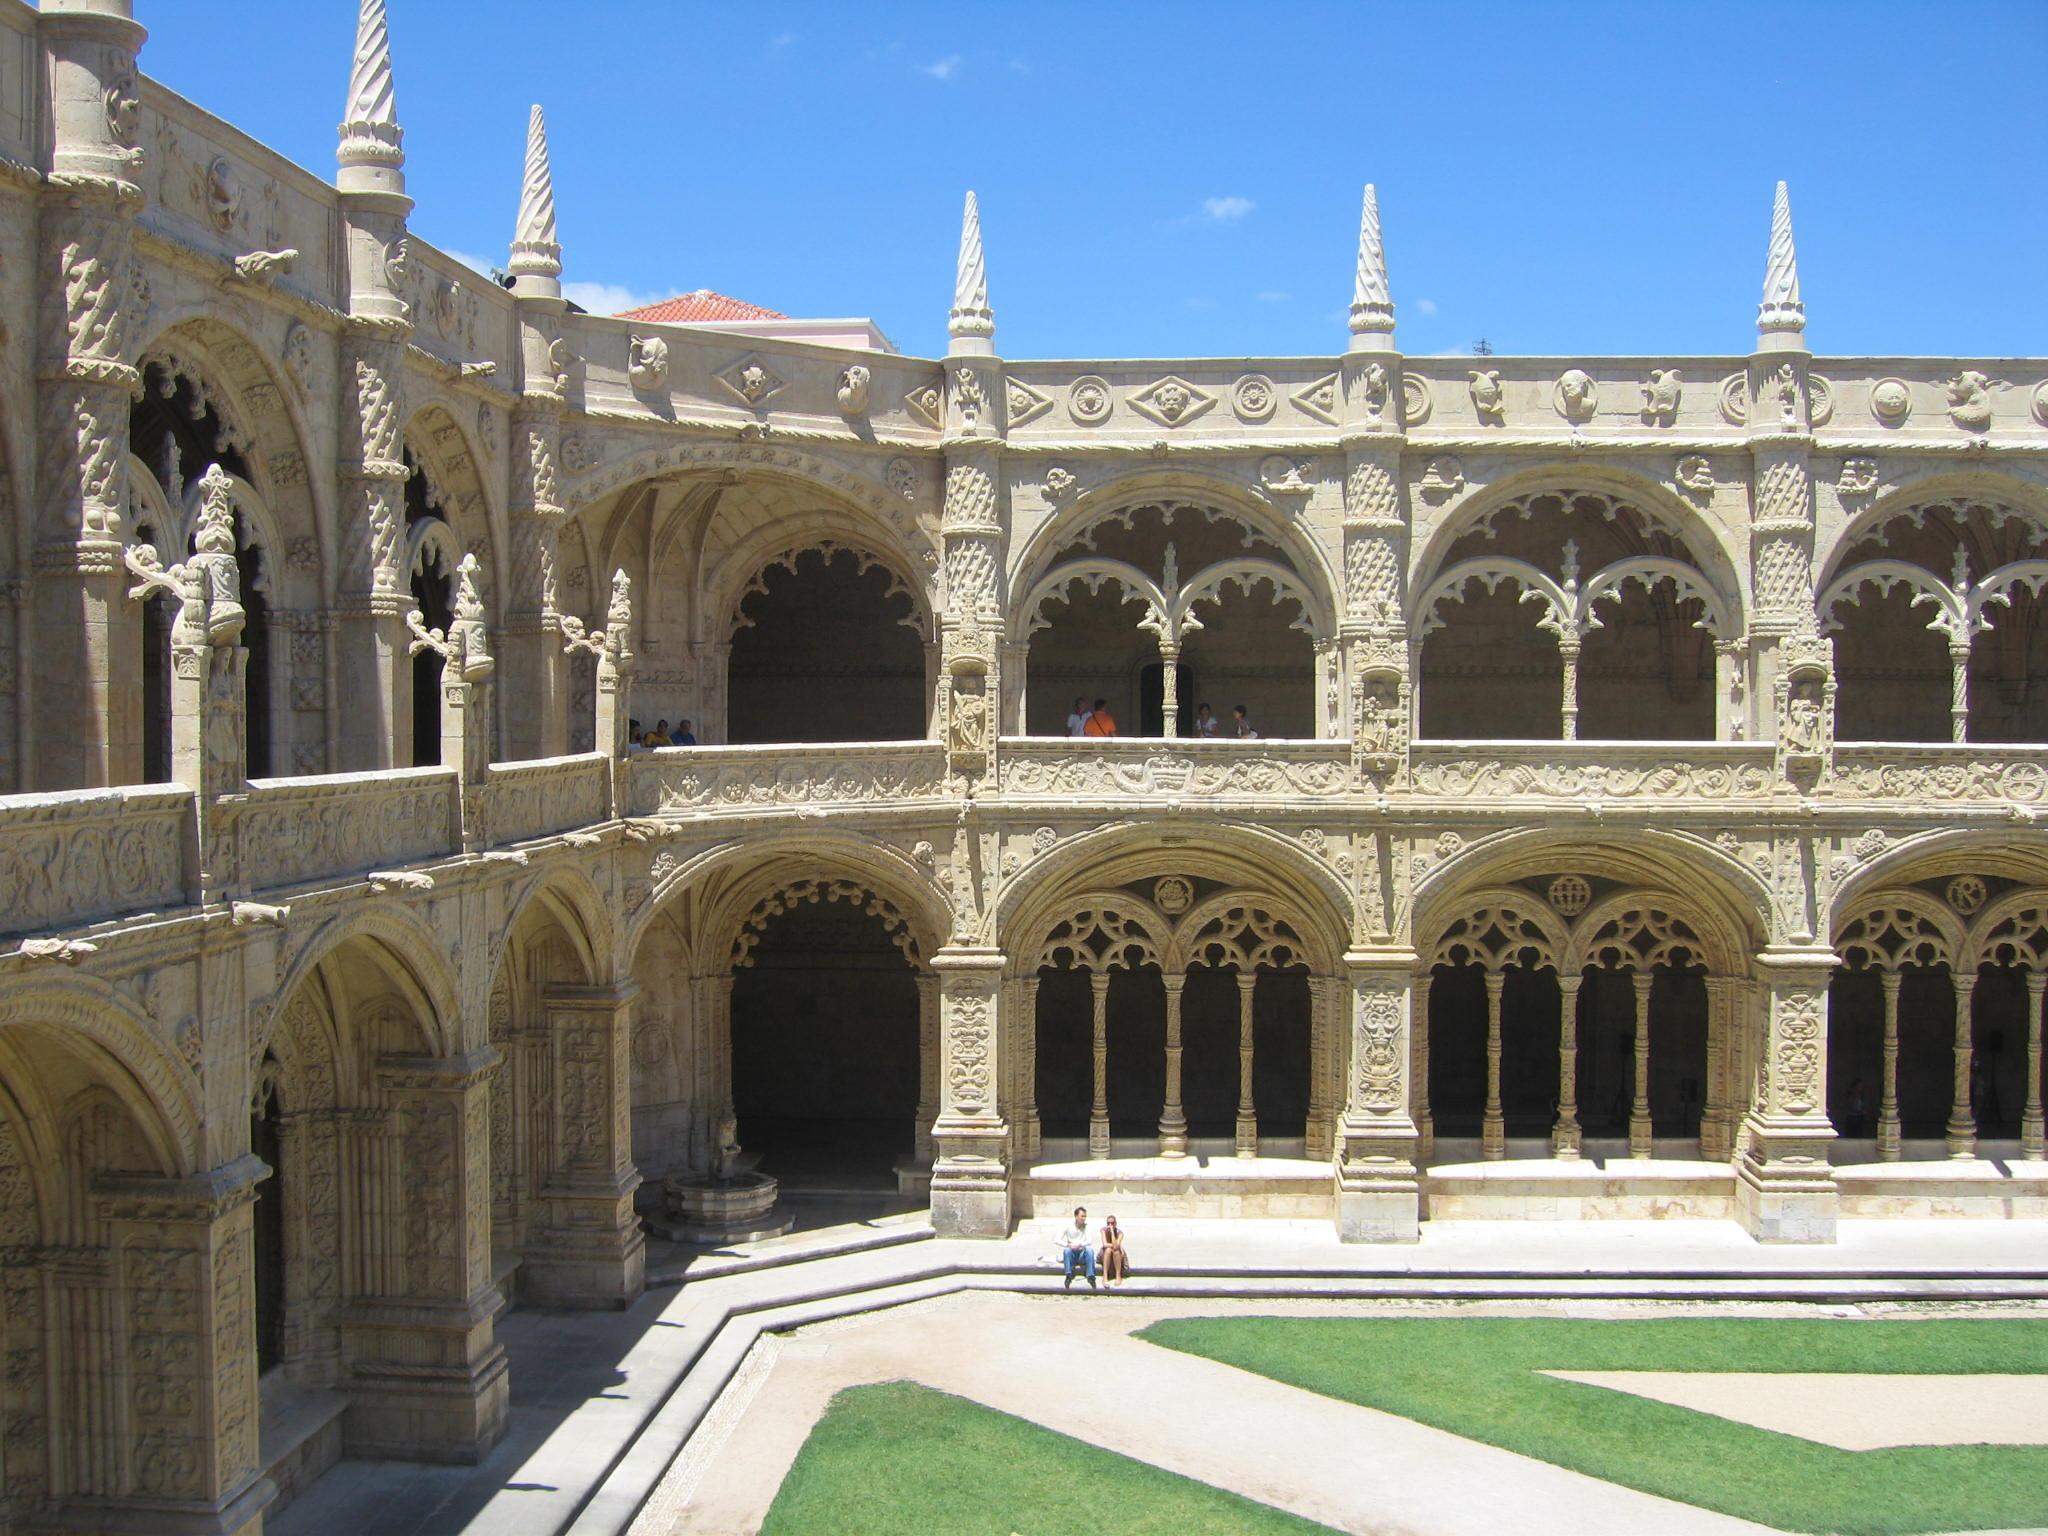 ジェロニモス修道院の画像 p1_39